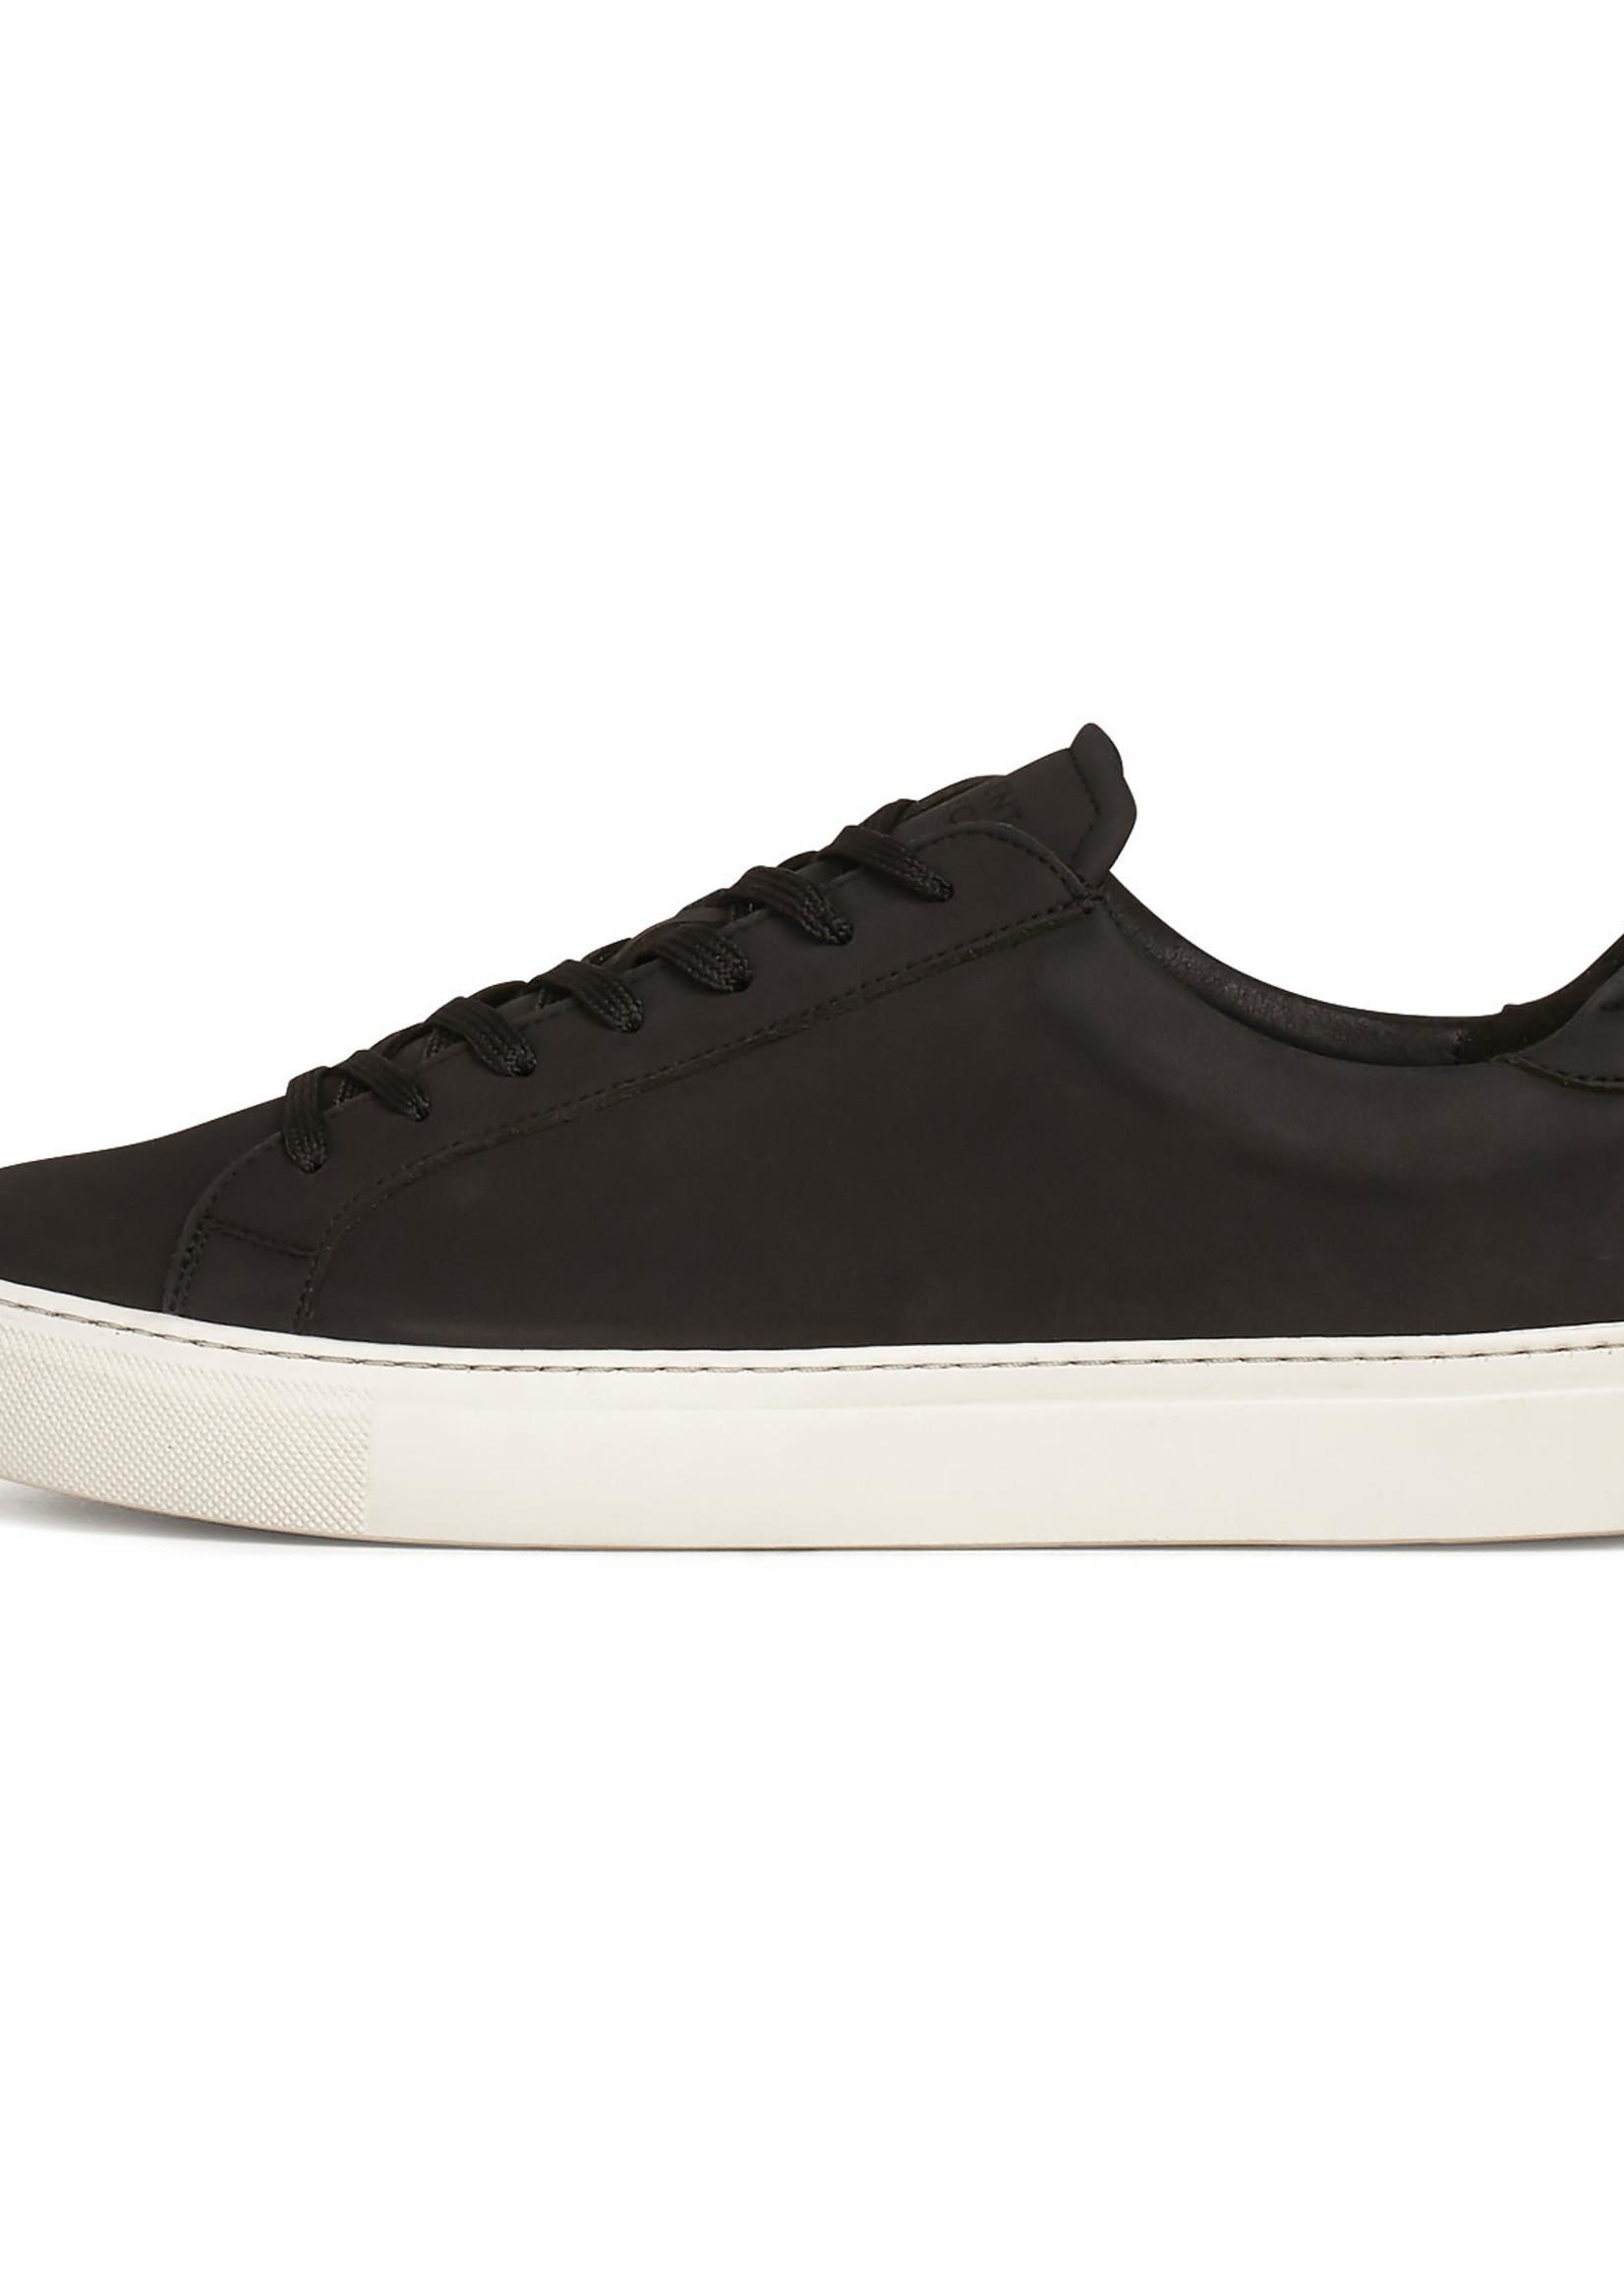 Garment Project Type Sneaker (Black)